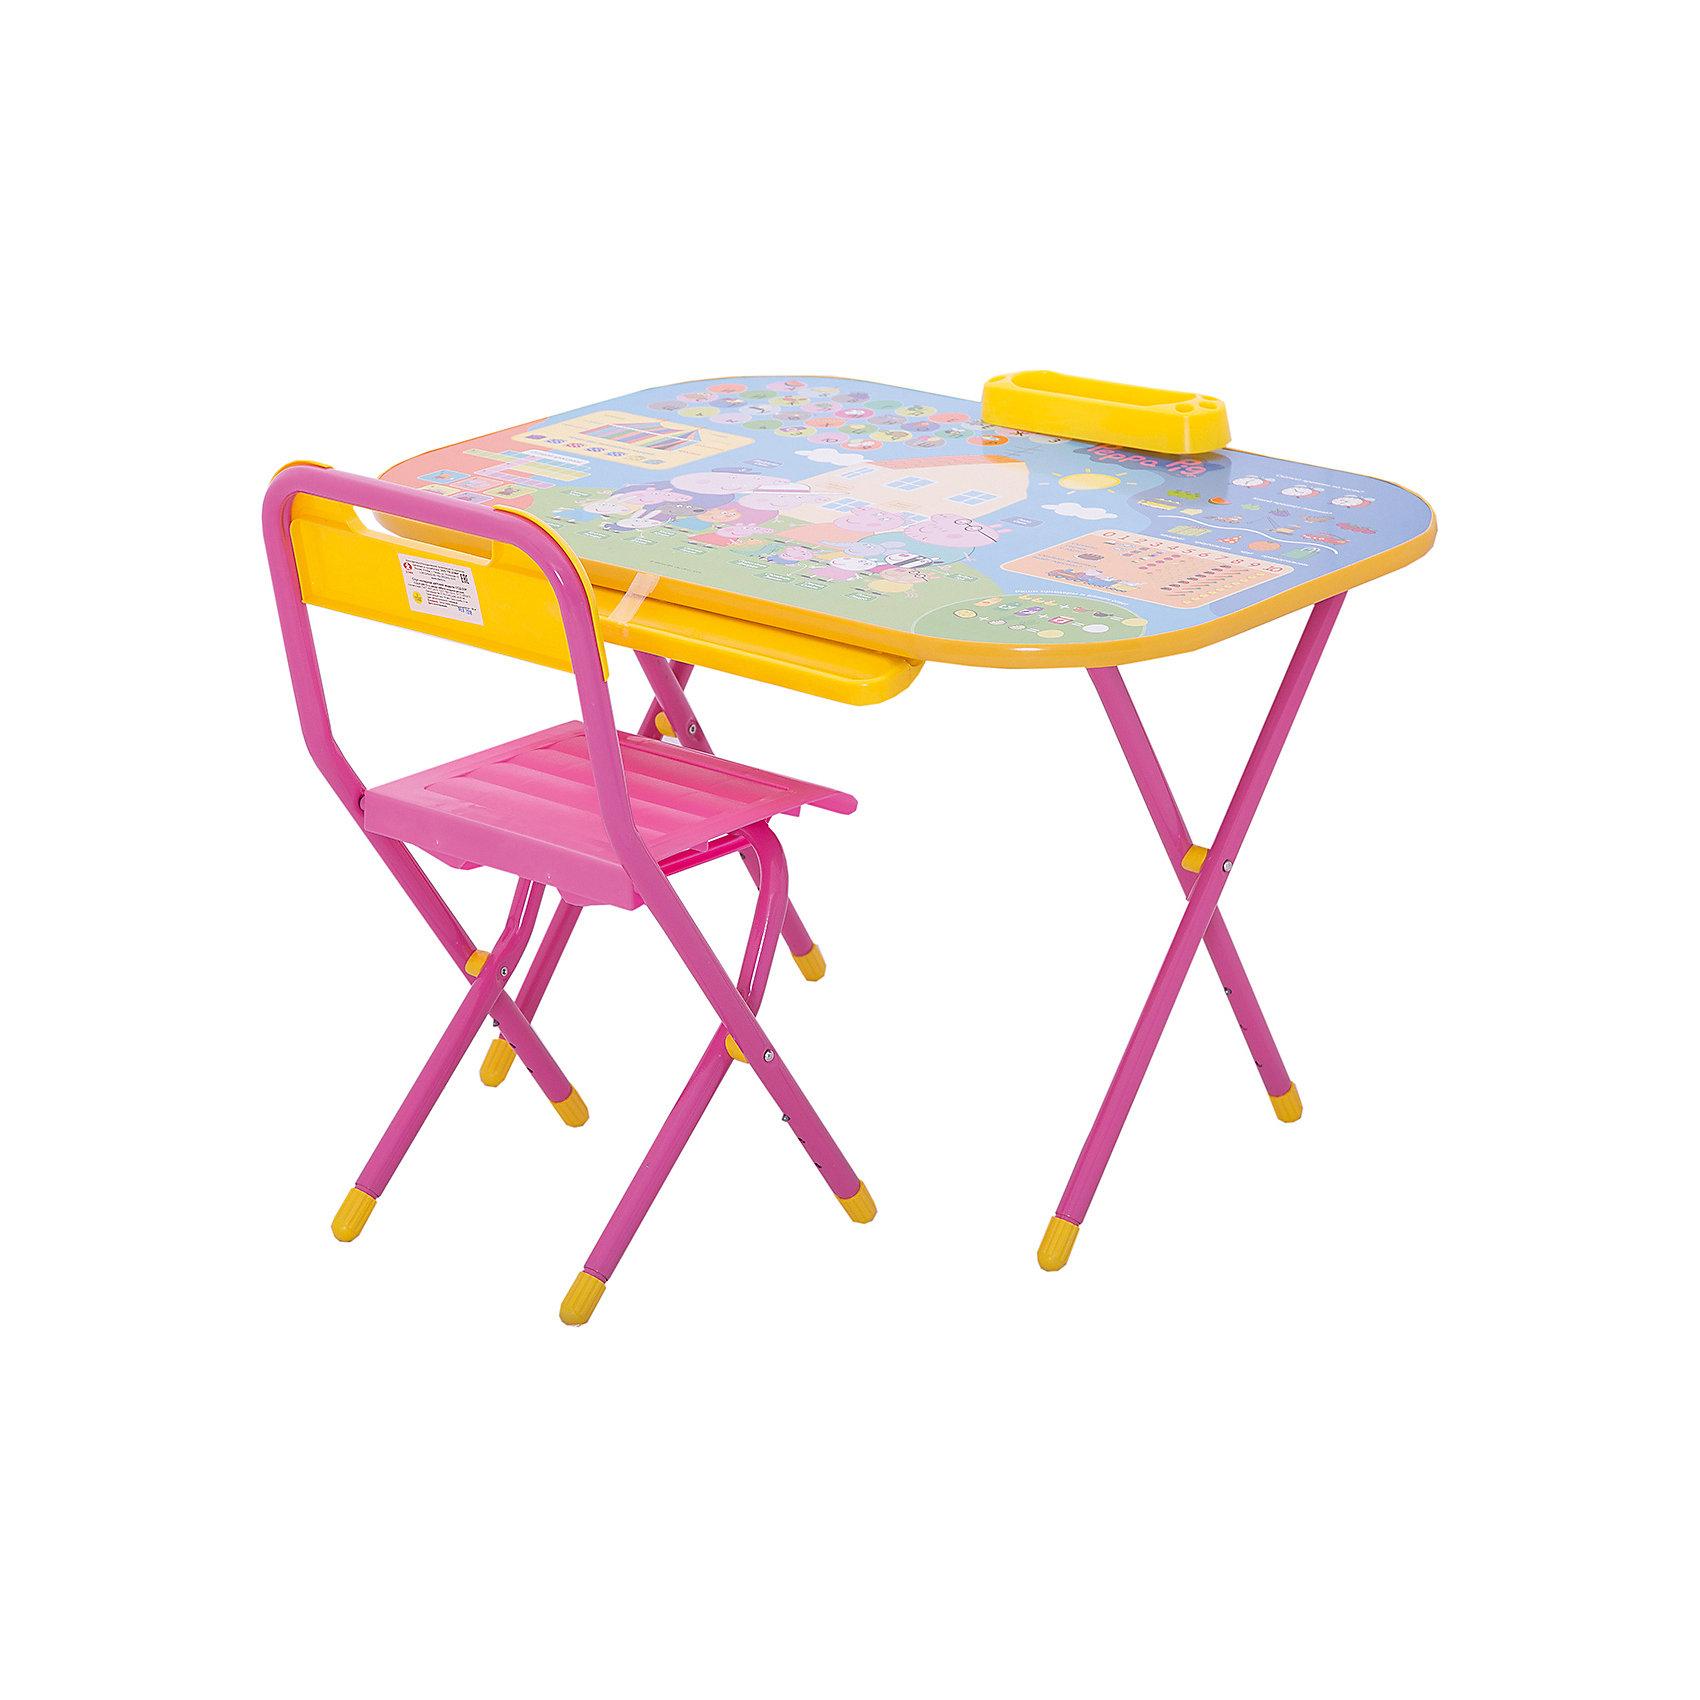 Набор складной мебели у2р/1, ДэмиМебель<br>Набор складной мебели у2р/1, Дэми.<br><br>Характеристики:<br><br>• Для детей в возрасте: от 3 до 7 лет<br>• В комплекте: складной стол и стульчик<br>• Материал: прочный пластик, металл<br>• Размер упаковки: 82х79х14 см.<br>• Вес: 10,2 кг.<br><br>Комплект складной мебели прекрасно впишется в интерьер любой детской. Стол, фактически, представляет собой 3 в 1: можно играть, можно есть, можно обучаться! На поверхность столешницы нанесены обучающие рисунки и любимые персонажи мультсериала Свинка Пеппа. Ваш ребенок выучит алфавит и цифры от 0 до 10, научится решать простые примеры и определять время, познакомится с цветами. По краю столешницы идёт желоб для карандашей, ручек и кисточек. Есть удобный пенал для карандашей и ручек. Все материалы, используемые при изготовлении набора, соответствуют ГОСТам, и абсолютно безопасны для здоровья Вашего малыша. Рабочая поверхность стола, сиденье и спинка стула сделаны из прочной пластмассы, края закруглены. Устойчивые металлические ножки имеют пластмассовые заглушки. Кроме этого, за мебелью очень легко ухаживать. Вы сможете приучать ребенка к порядку с самых ранних лет. Детям наверняка очень понравится этот комплект - настоящий детский рабочий кабинет, а родители, несомненно, оценят его компактность.<br><br>Набор складной мебели у2р/1, Дэми можно купить в нашем интернет-магазине.<br><br>Ширина мм: 820<br>Глубина мм: 790<br>Высота мм: 140<br>Вес г: 10200<br>Возраст от месяцев: 36<br>Возраст до месяцев: 84<br>Пол: Унисекс<br>Возраст: Детский<br>SKU: 5569675